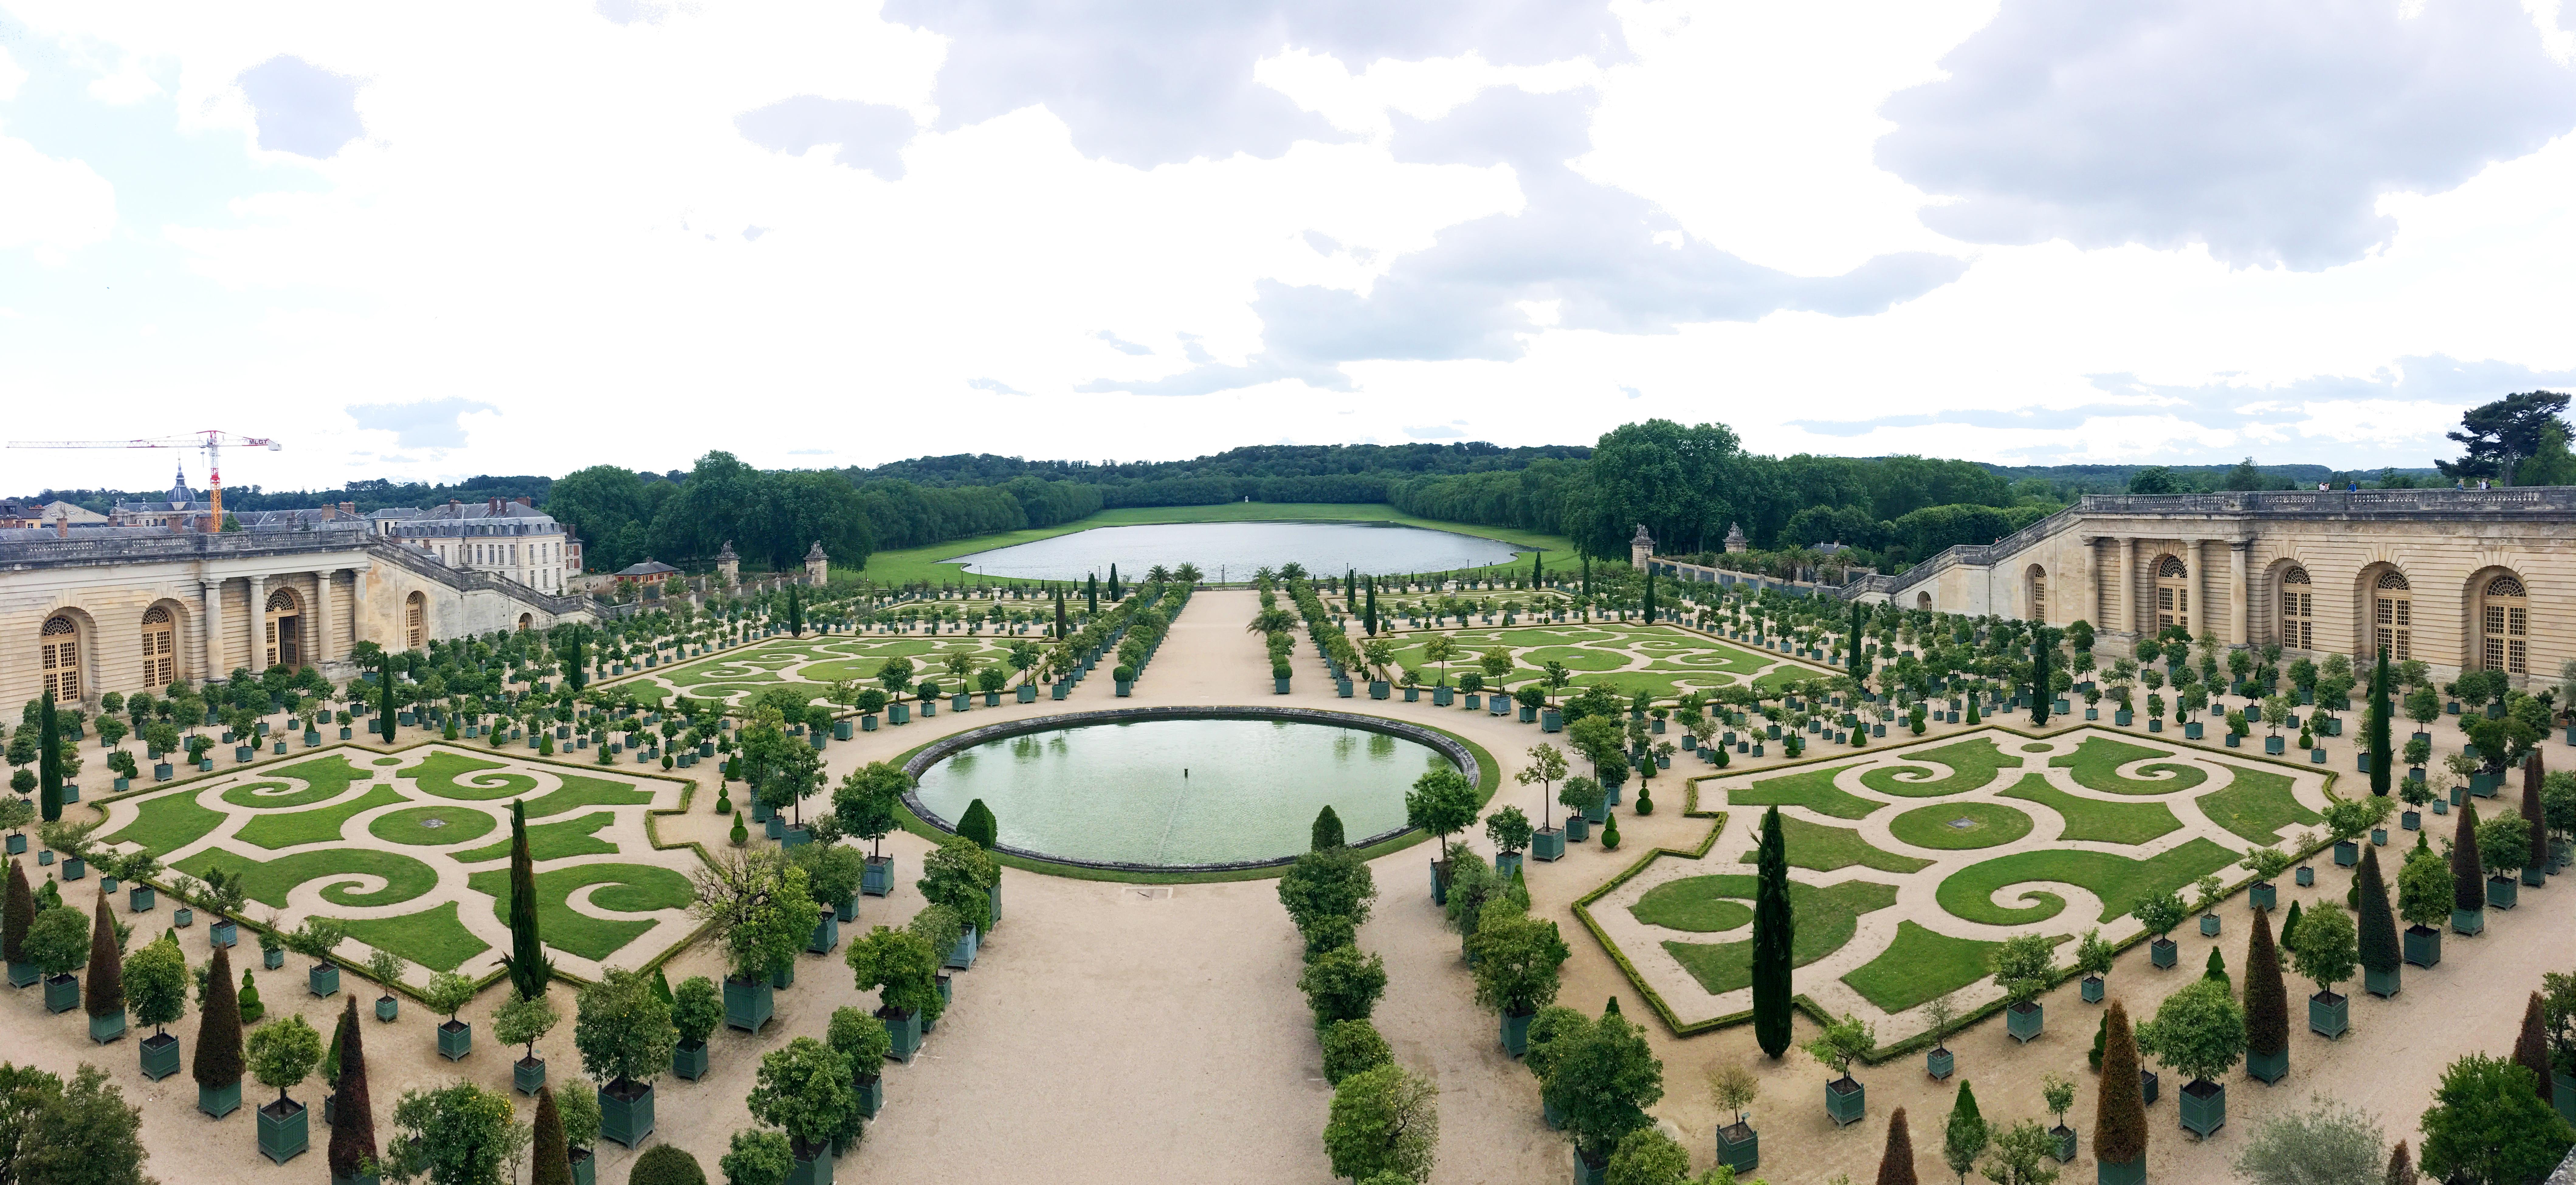 Christine_Olmstead_Versailles_Gardens